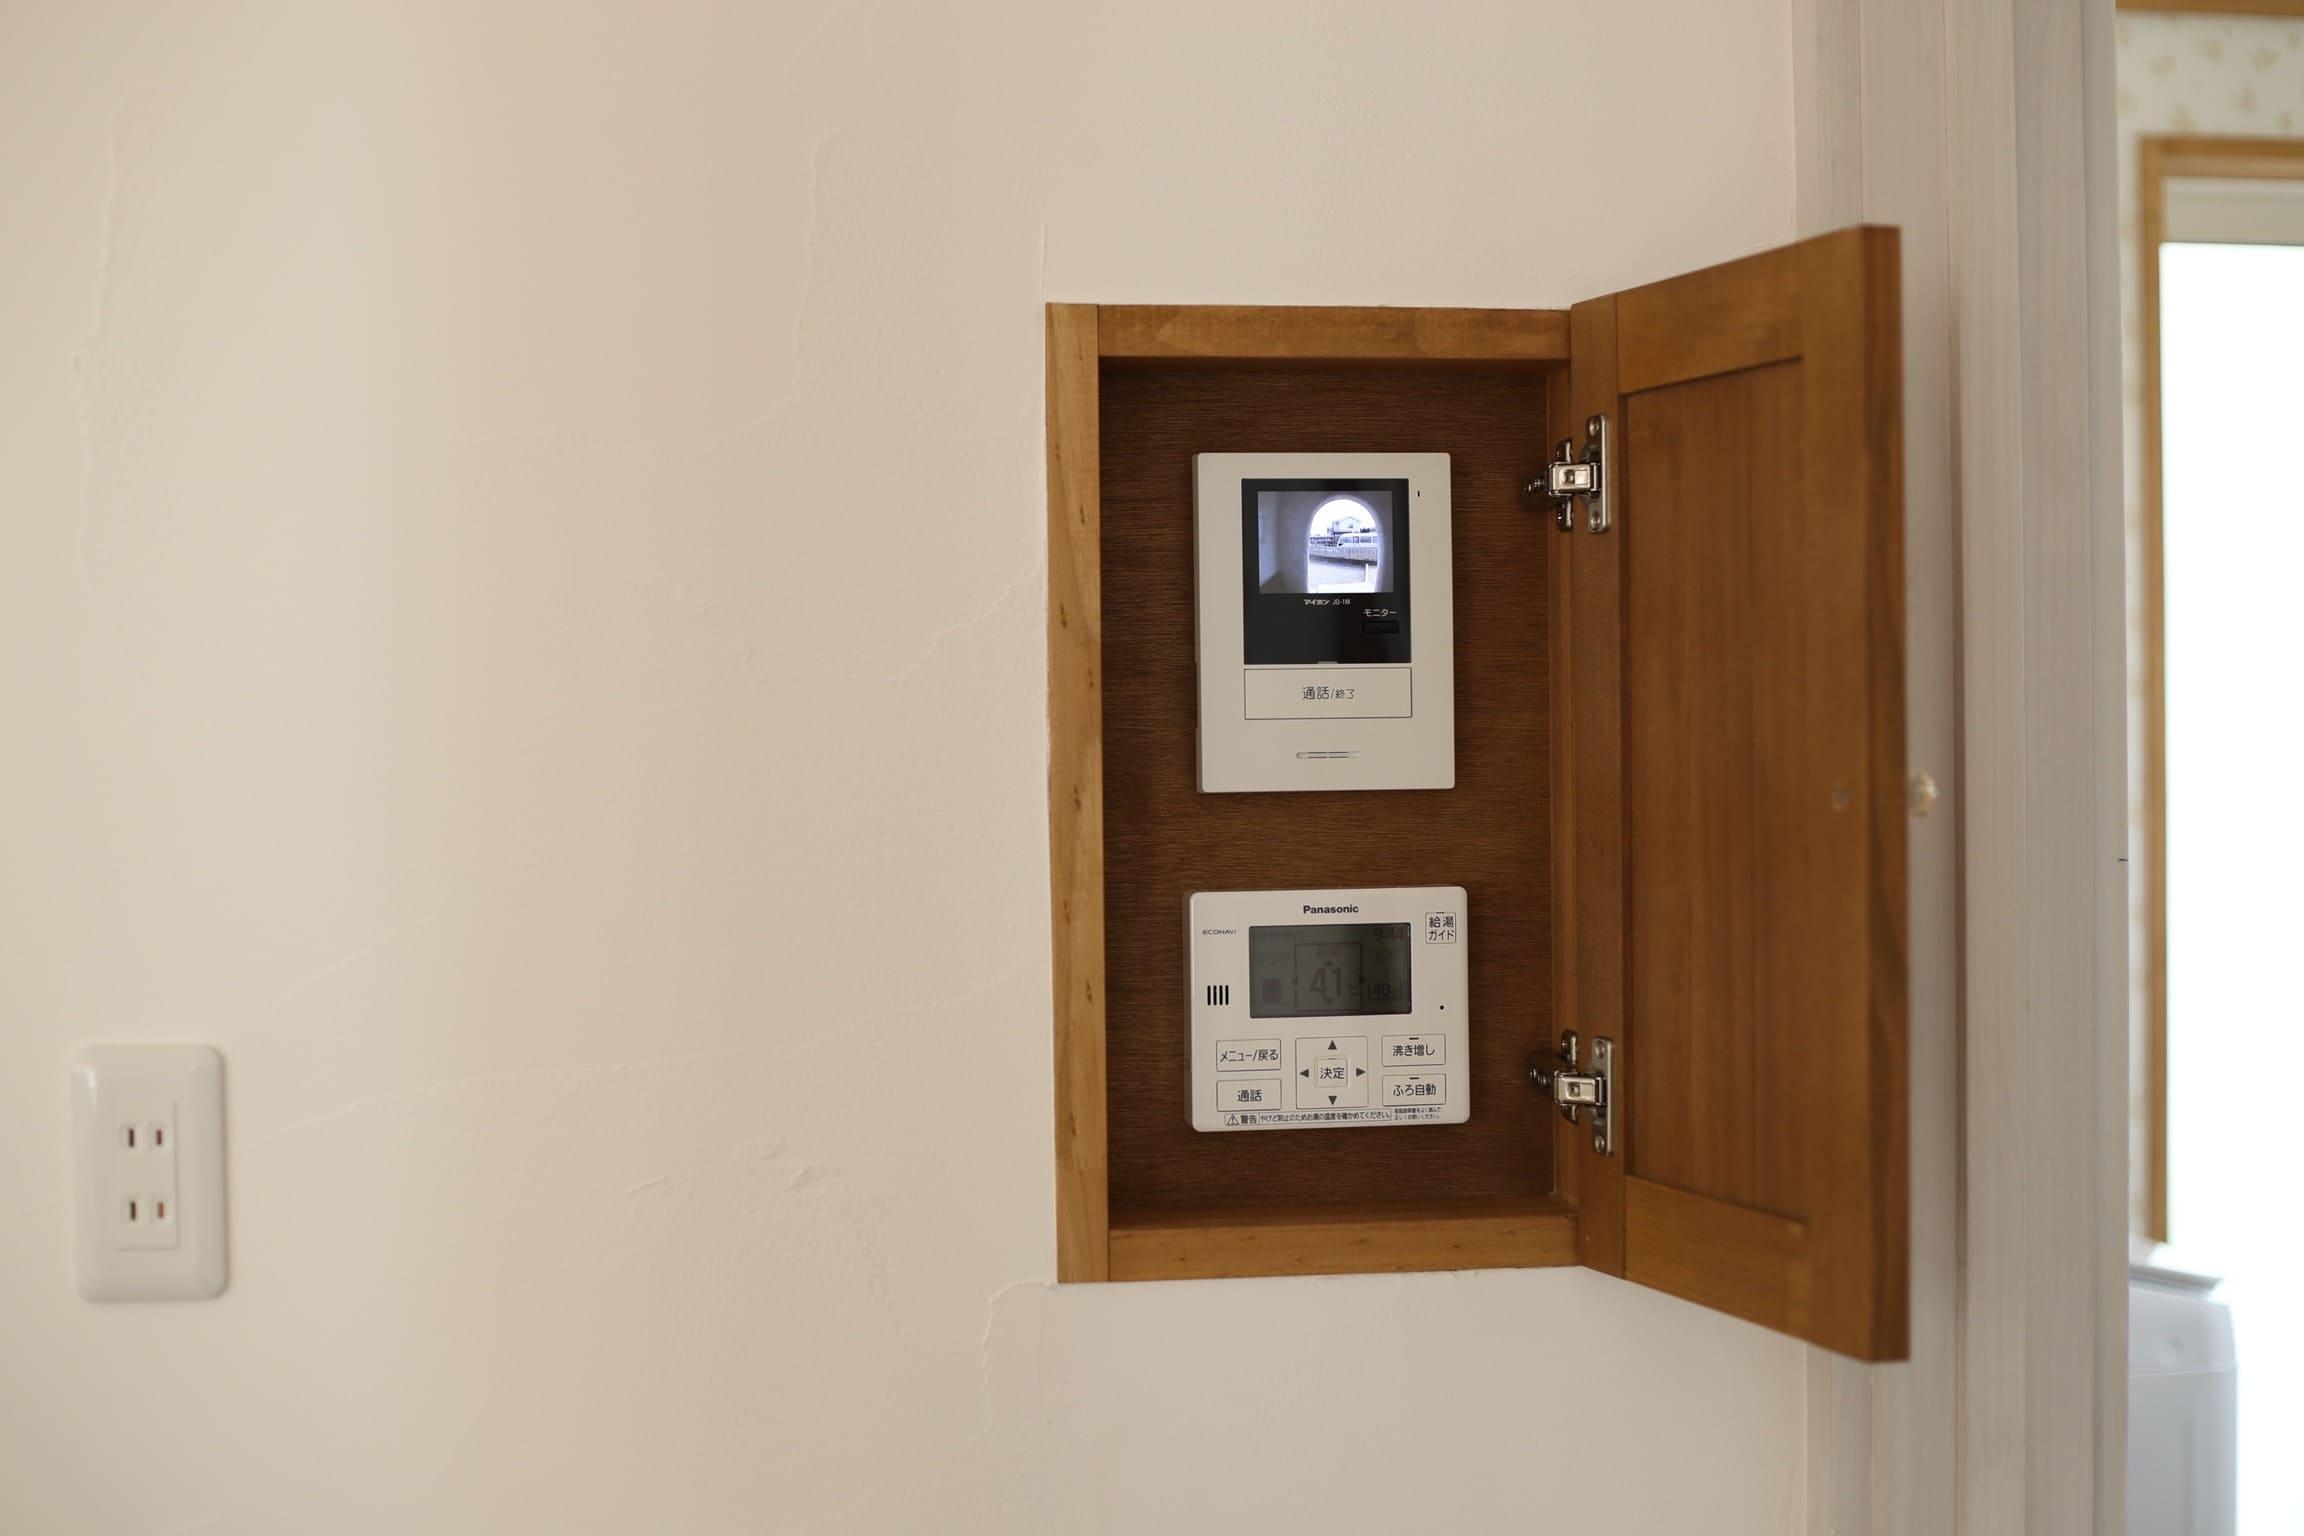 福井でかっこいい家をつくるガウディの施工例 扉付きのニッチの提案